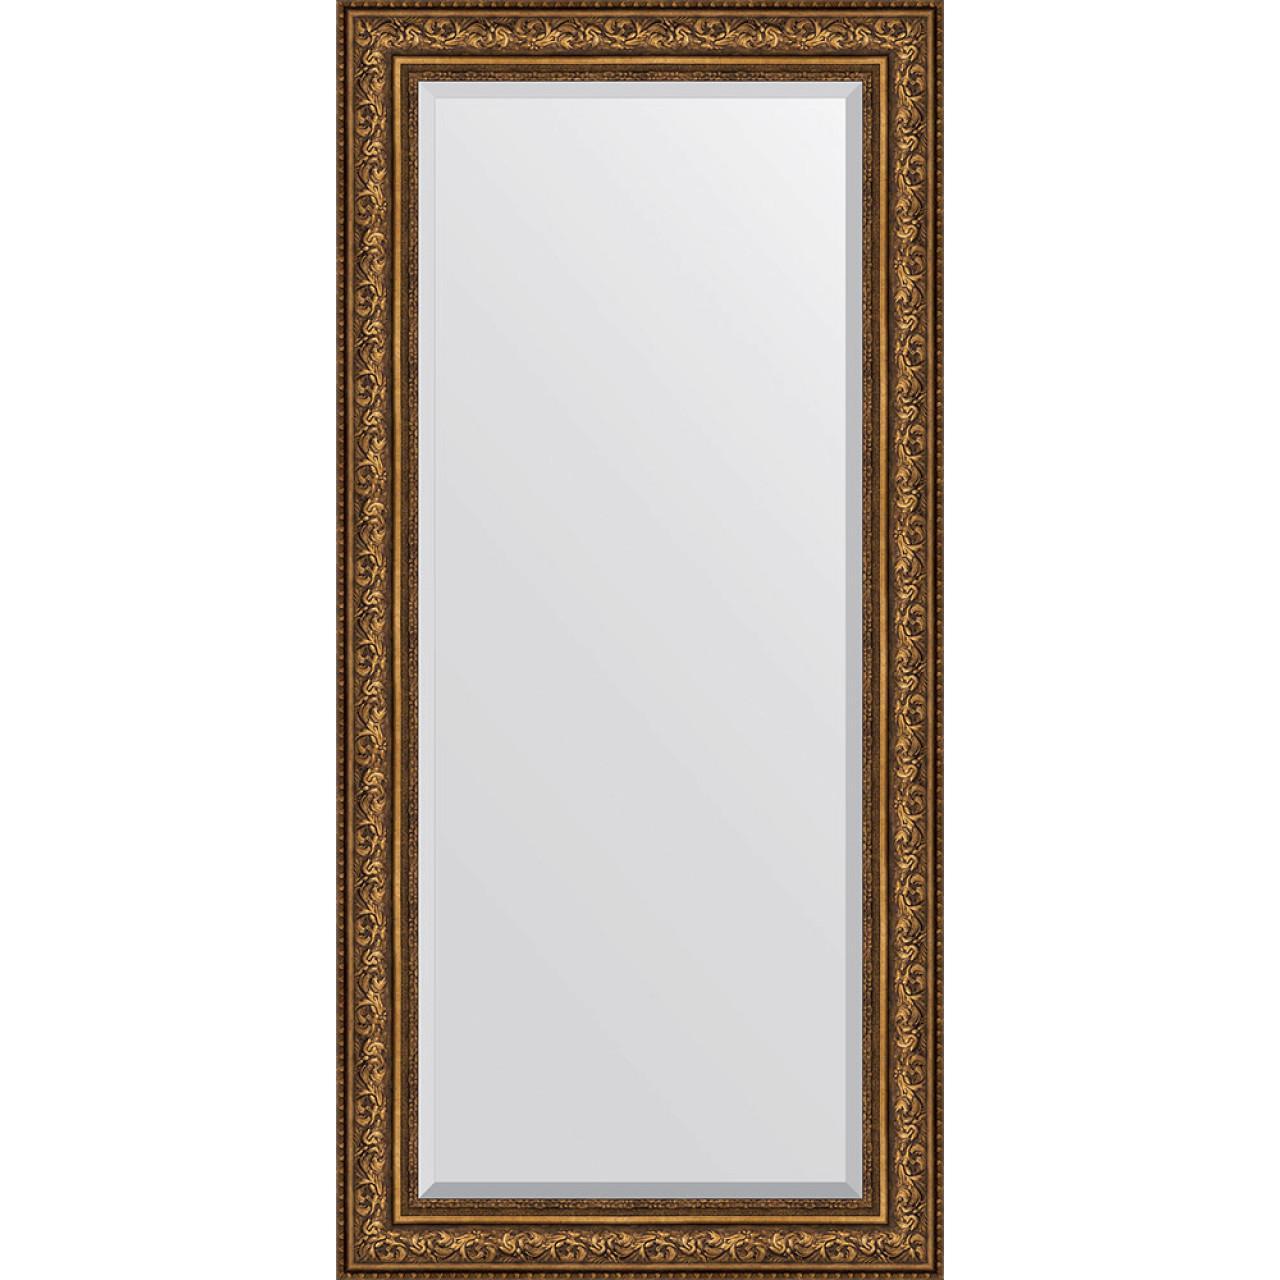 Зеркало Evoform Exclusive BY 3609 80x170 см виньетка состаренная бронза купить в Москве по цене от 20314р. в интернет-магазине mebel-v-vannu.ru